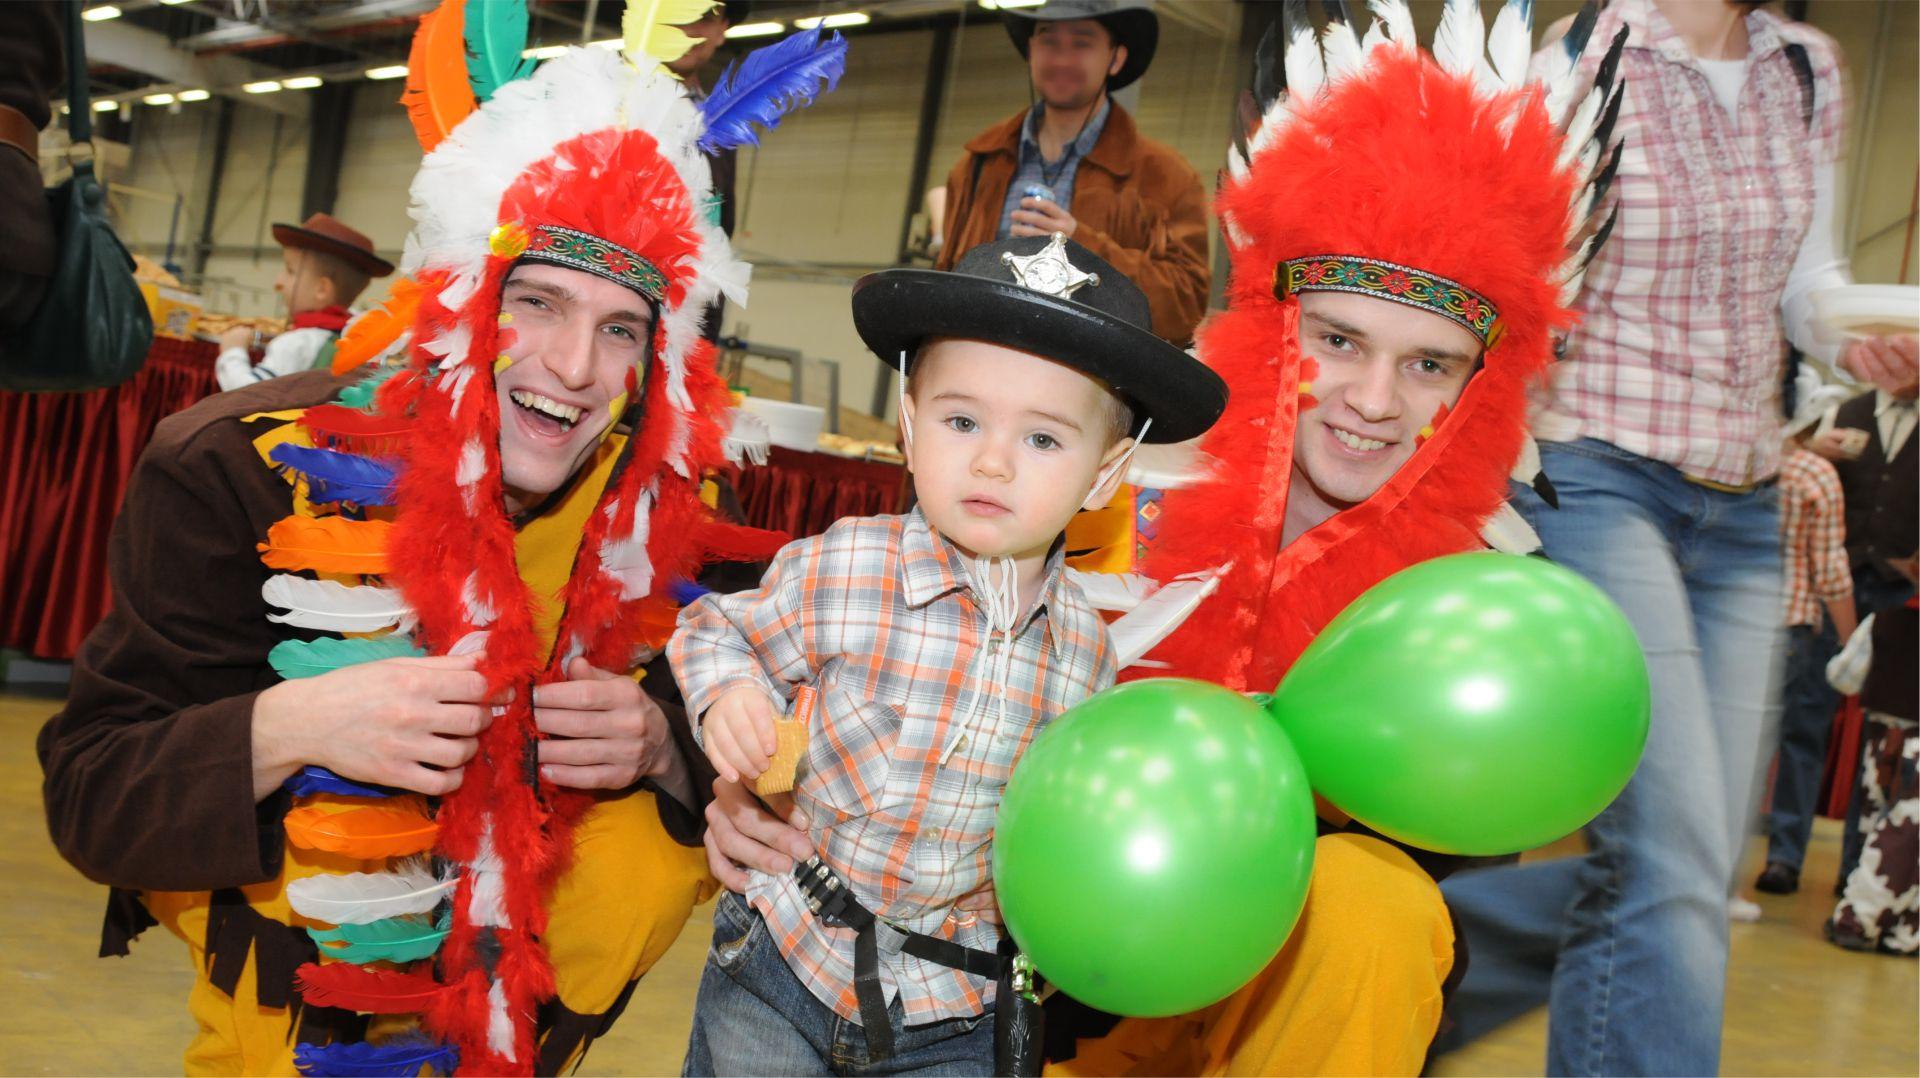 Indianie i Cowboye - imprezy dla dzieci z NEUTRINOband